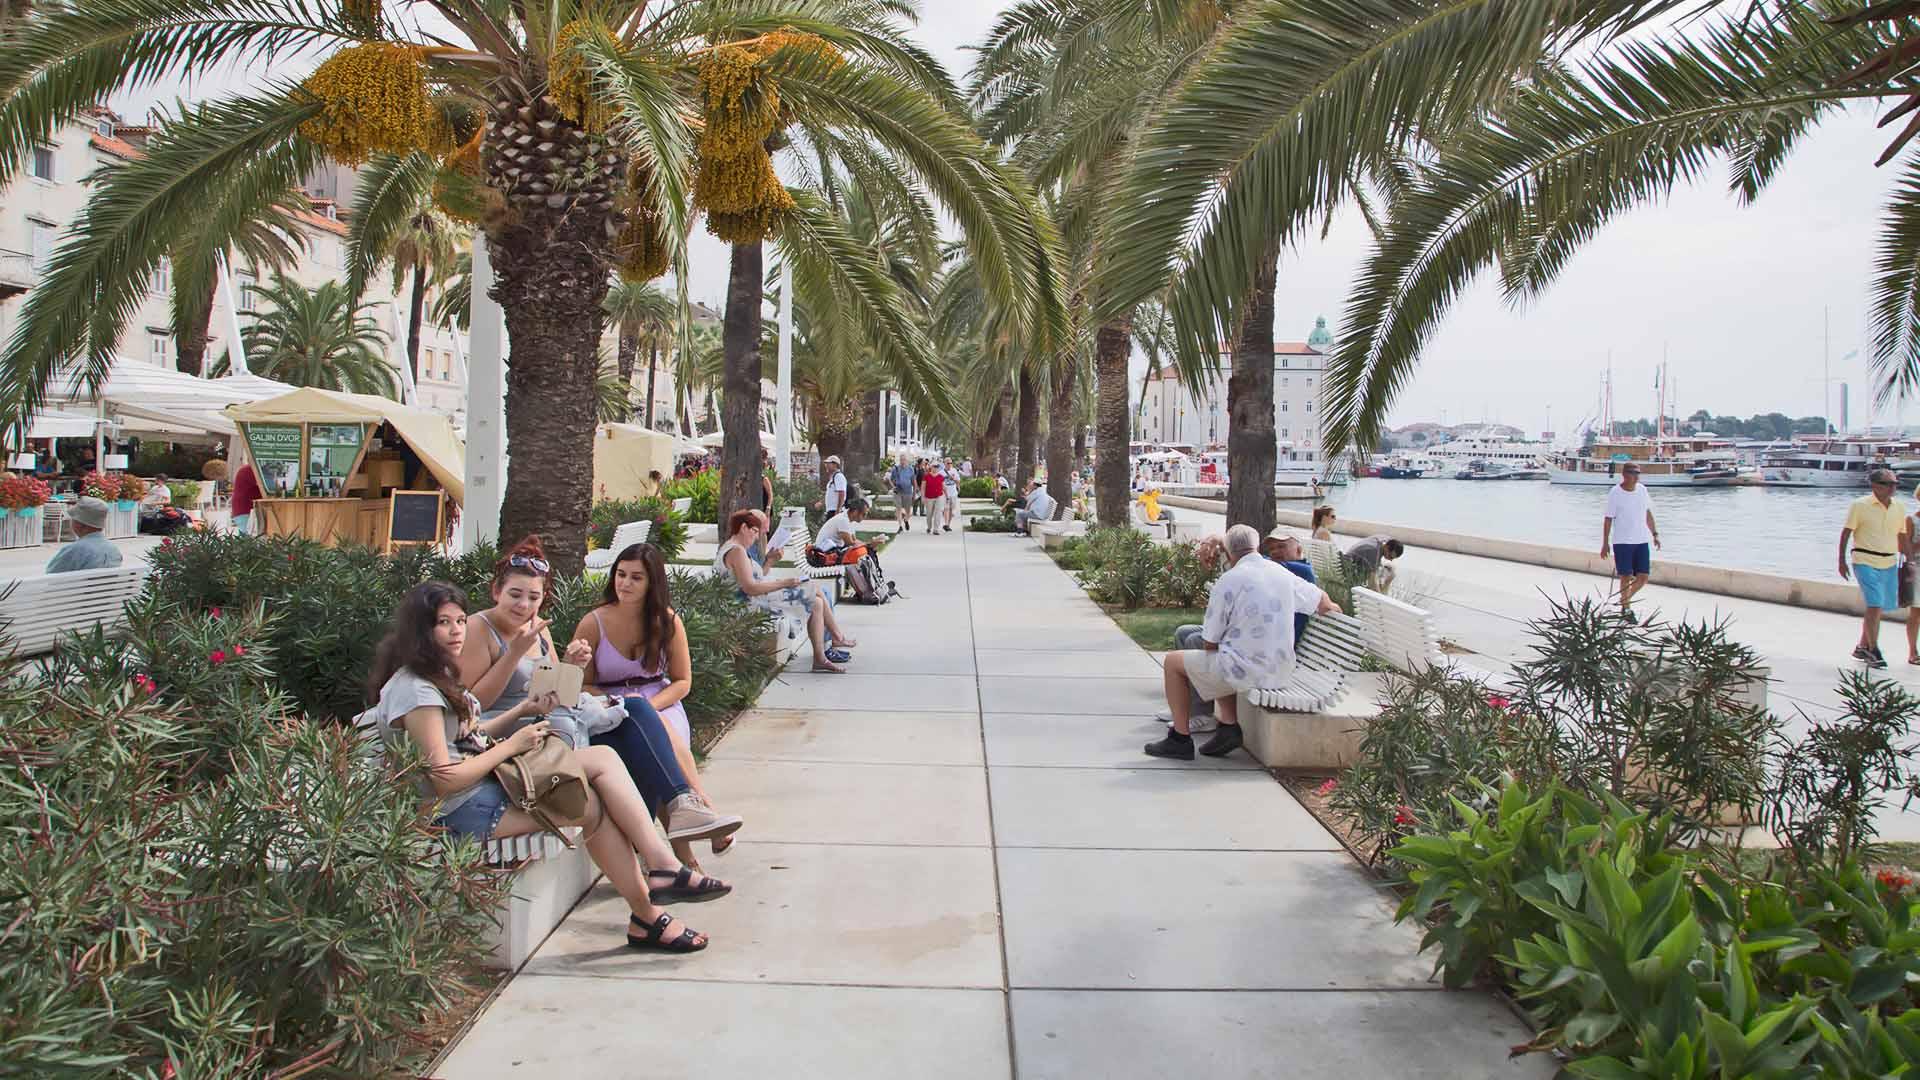 Ministarstvo turizma dodjeljuje 24,9 milijuna kuna za turističke projekte u 2017. godini